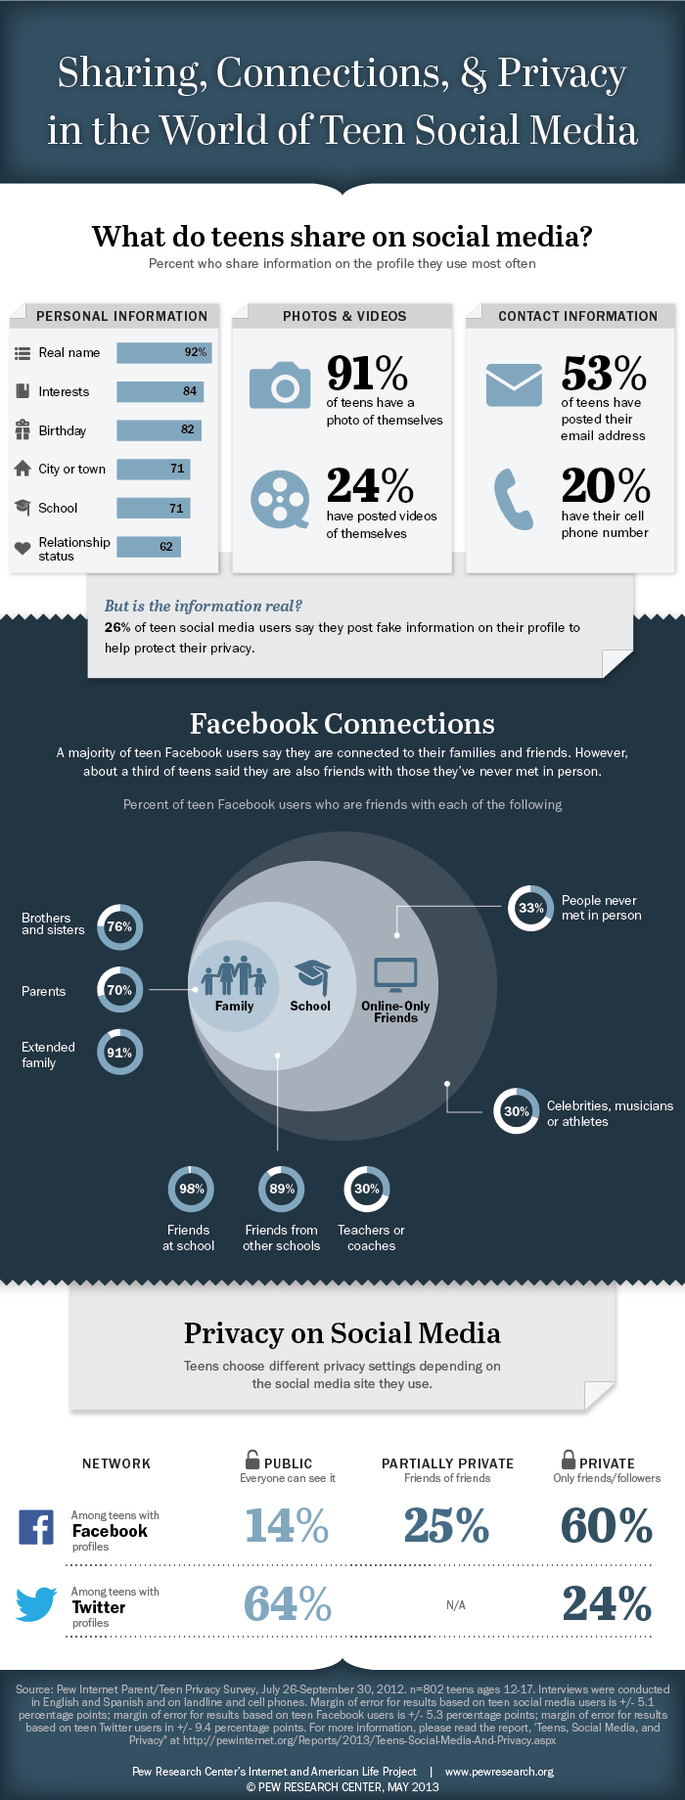 adolscenti social network